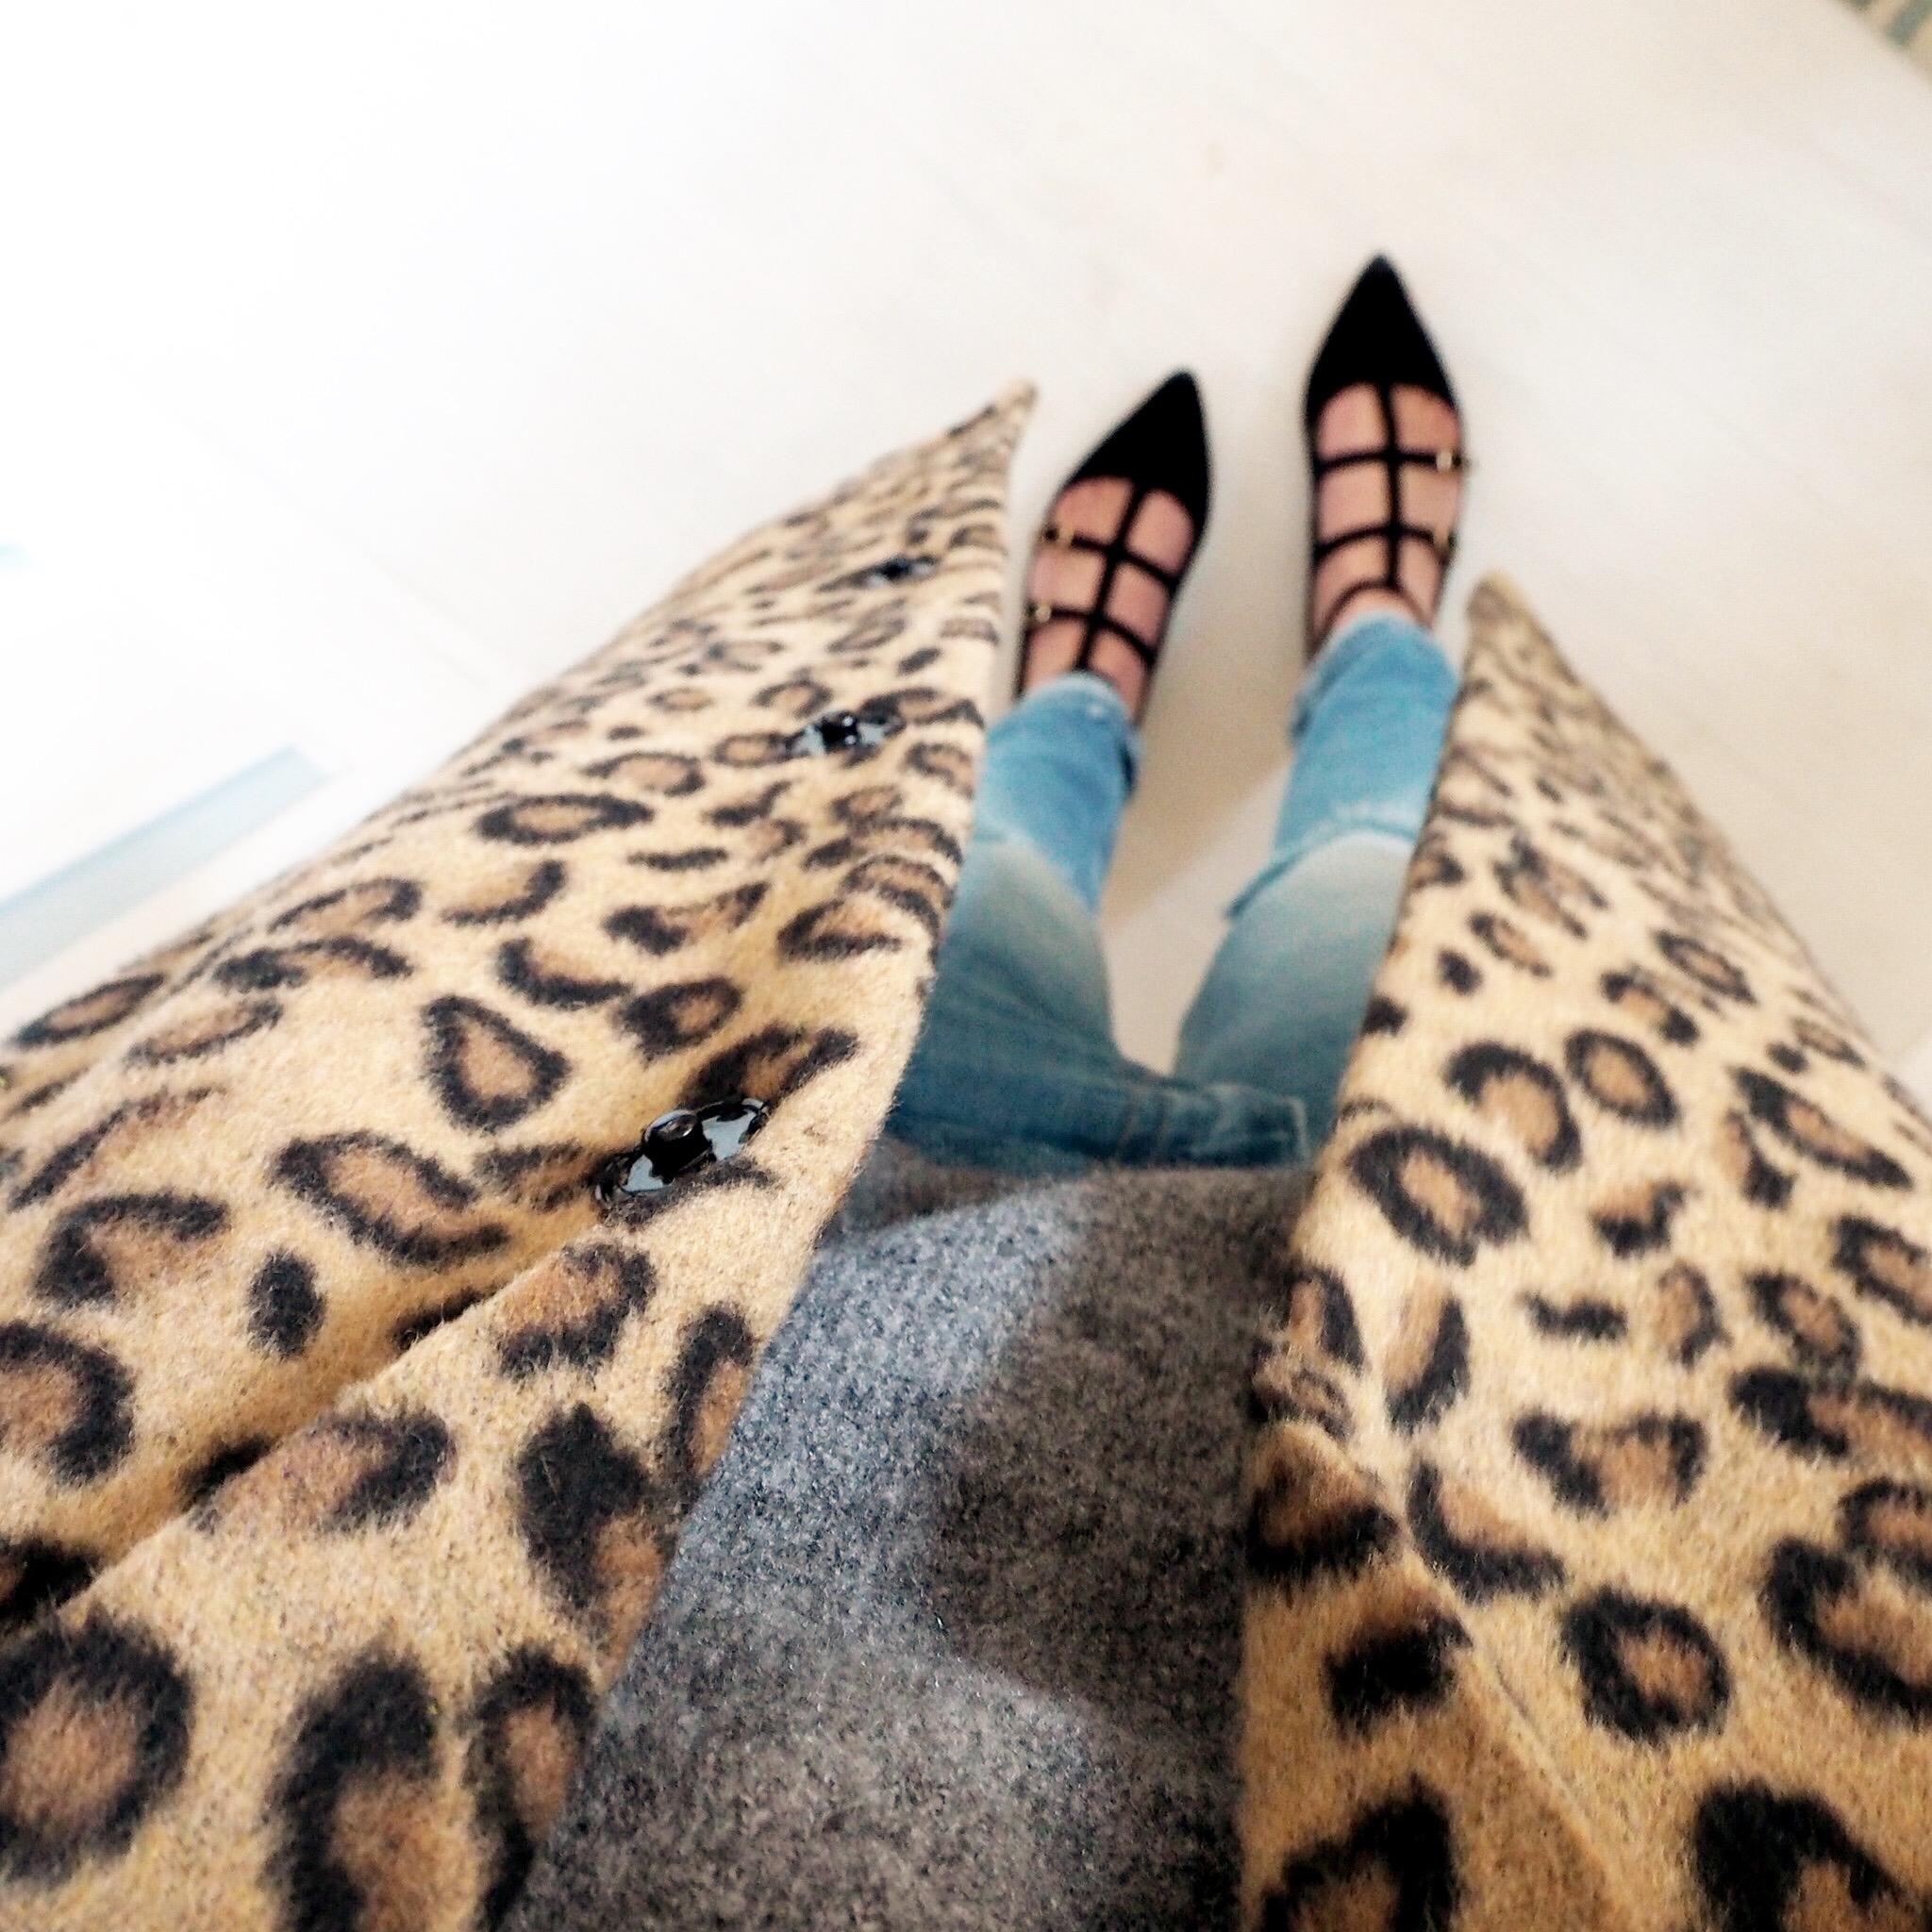 winter coats, primark leopard print